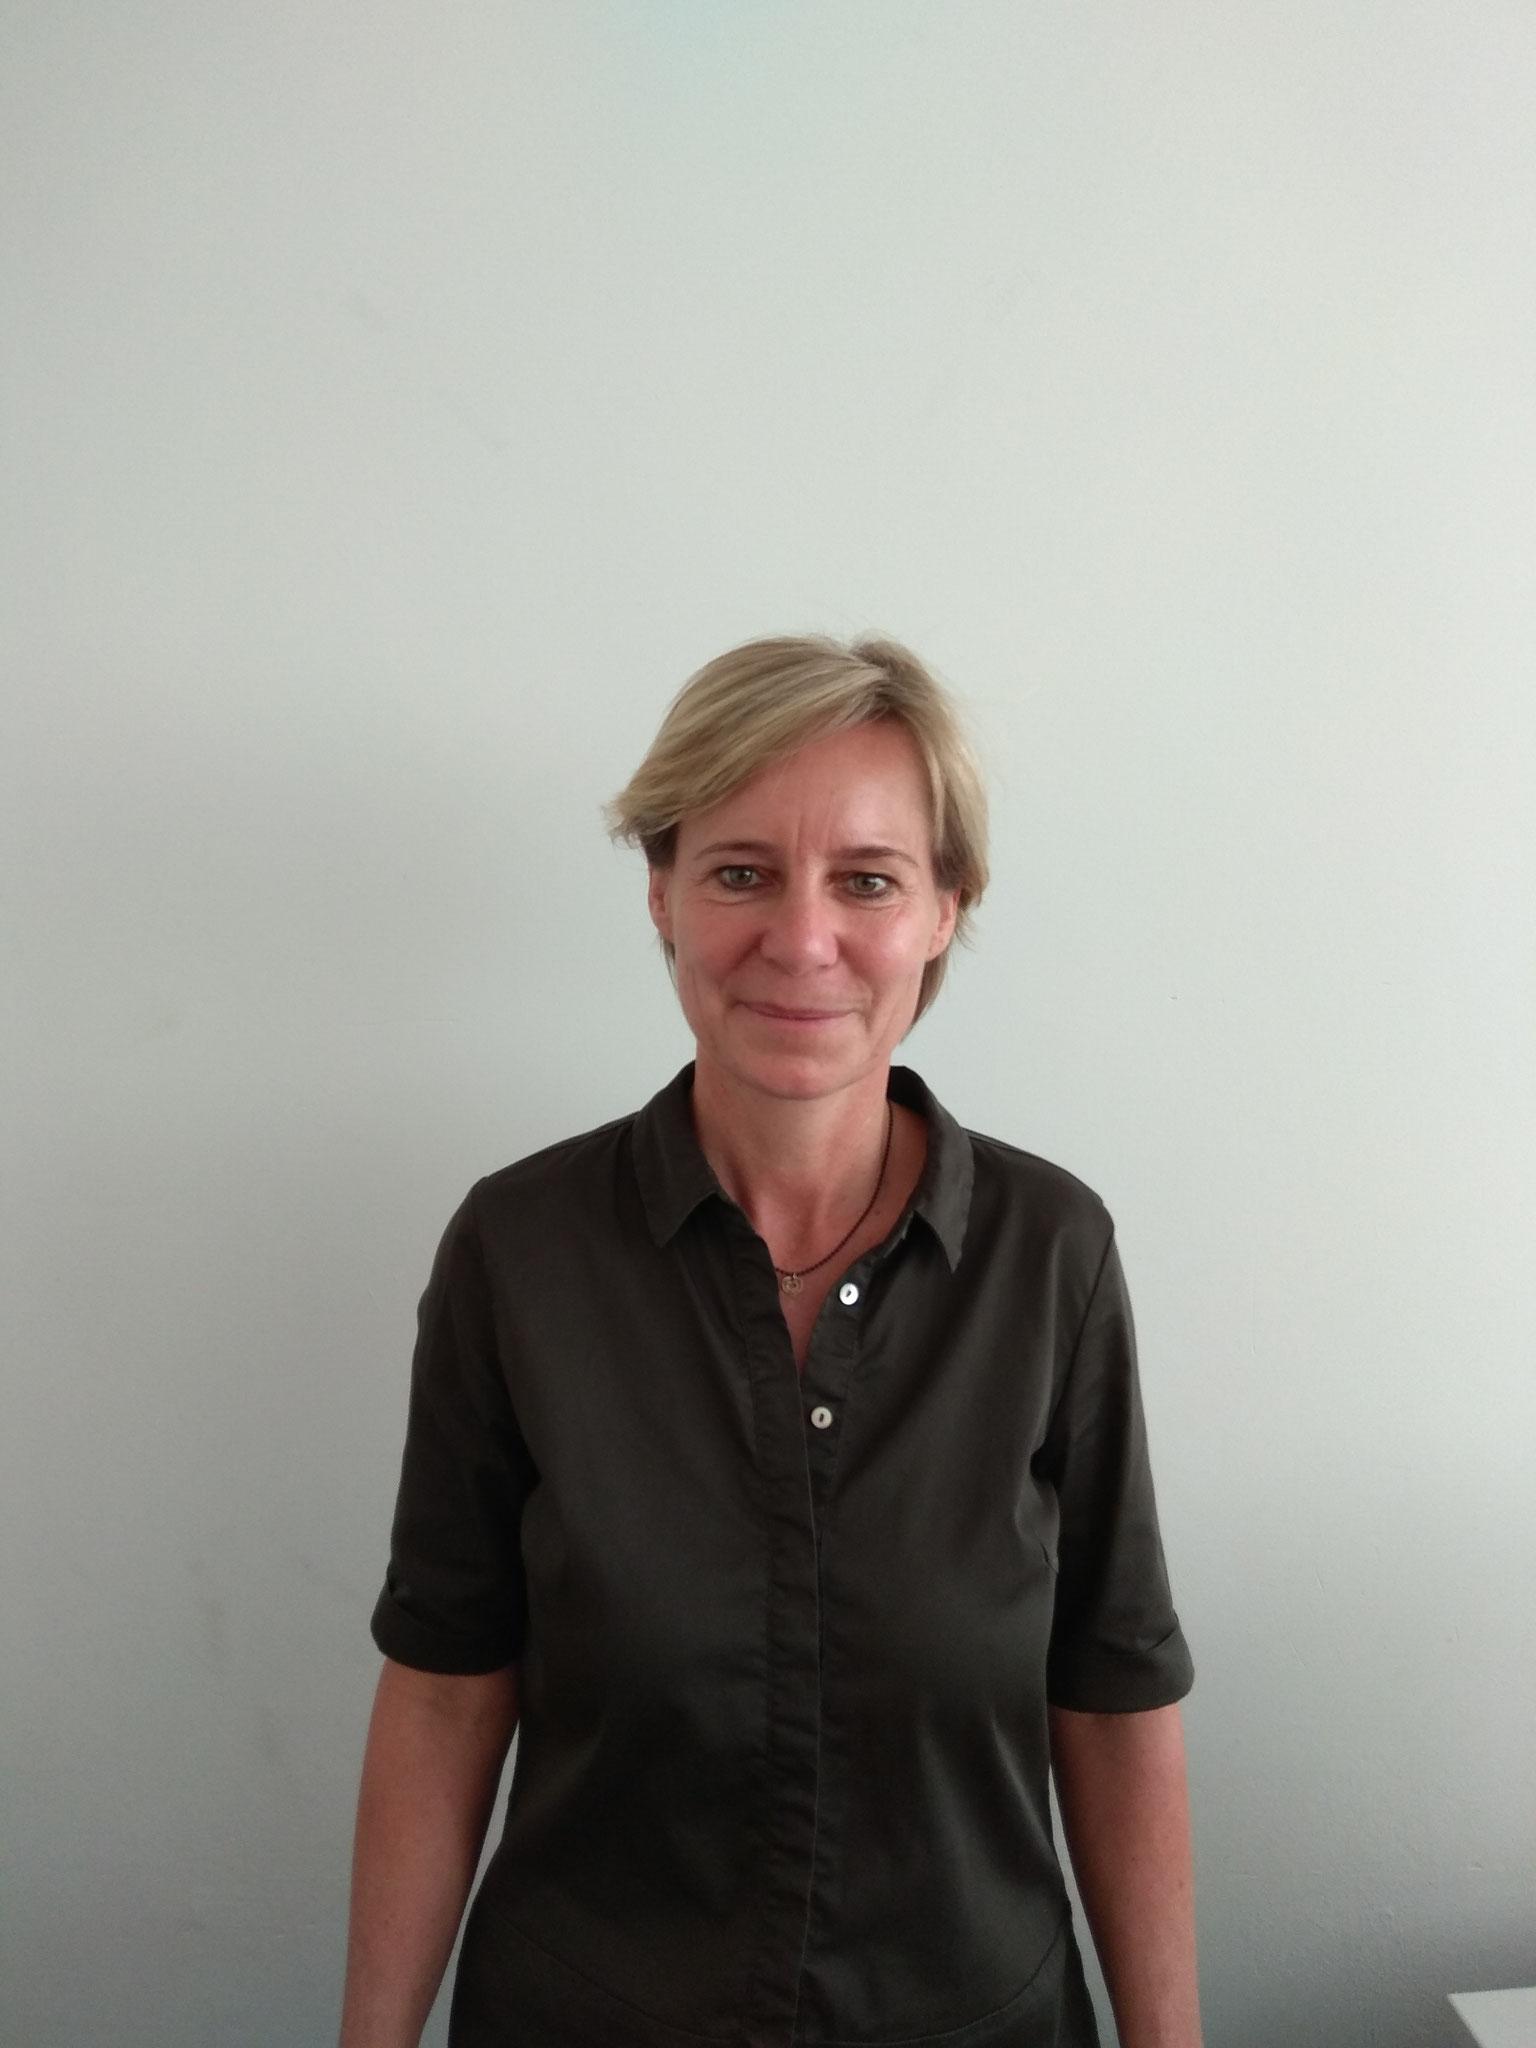 Christine Brummer, Pressesprecherin der AOK Mittelfranken